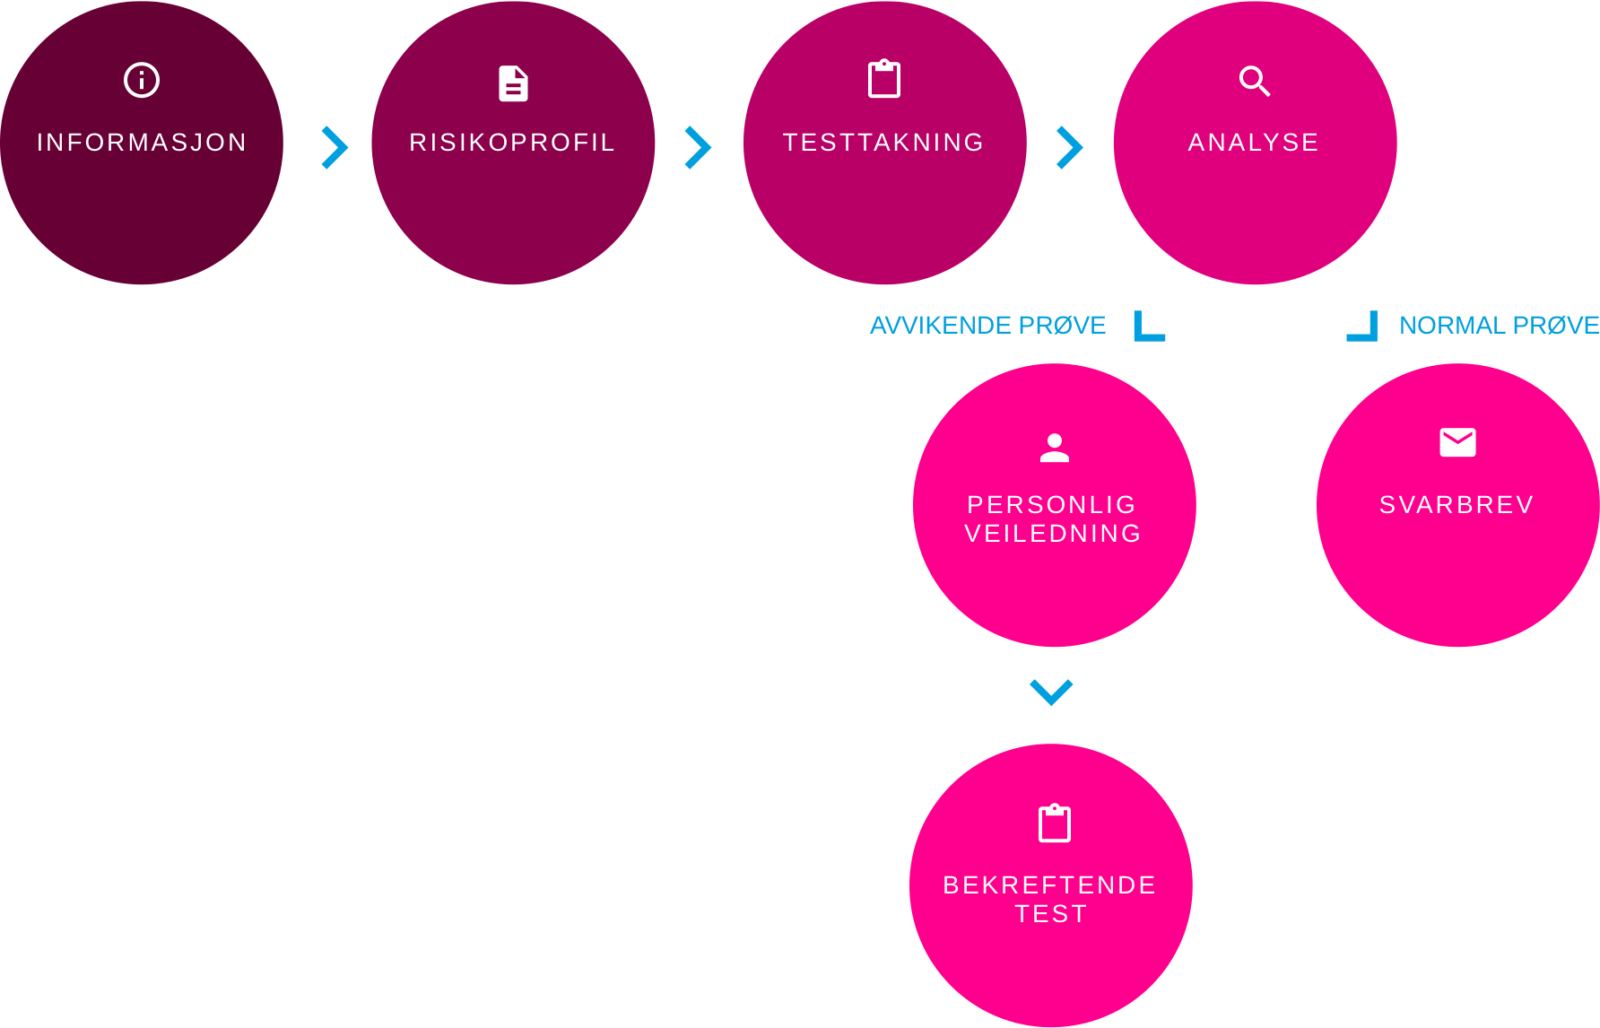 navigator_prosess